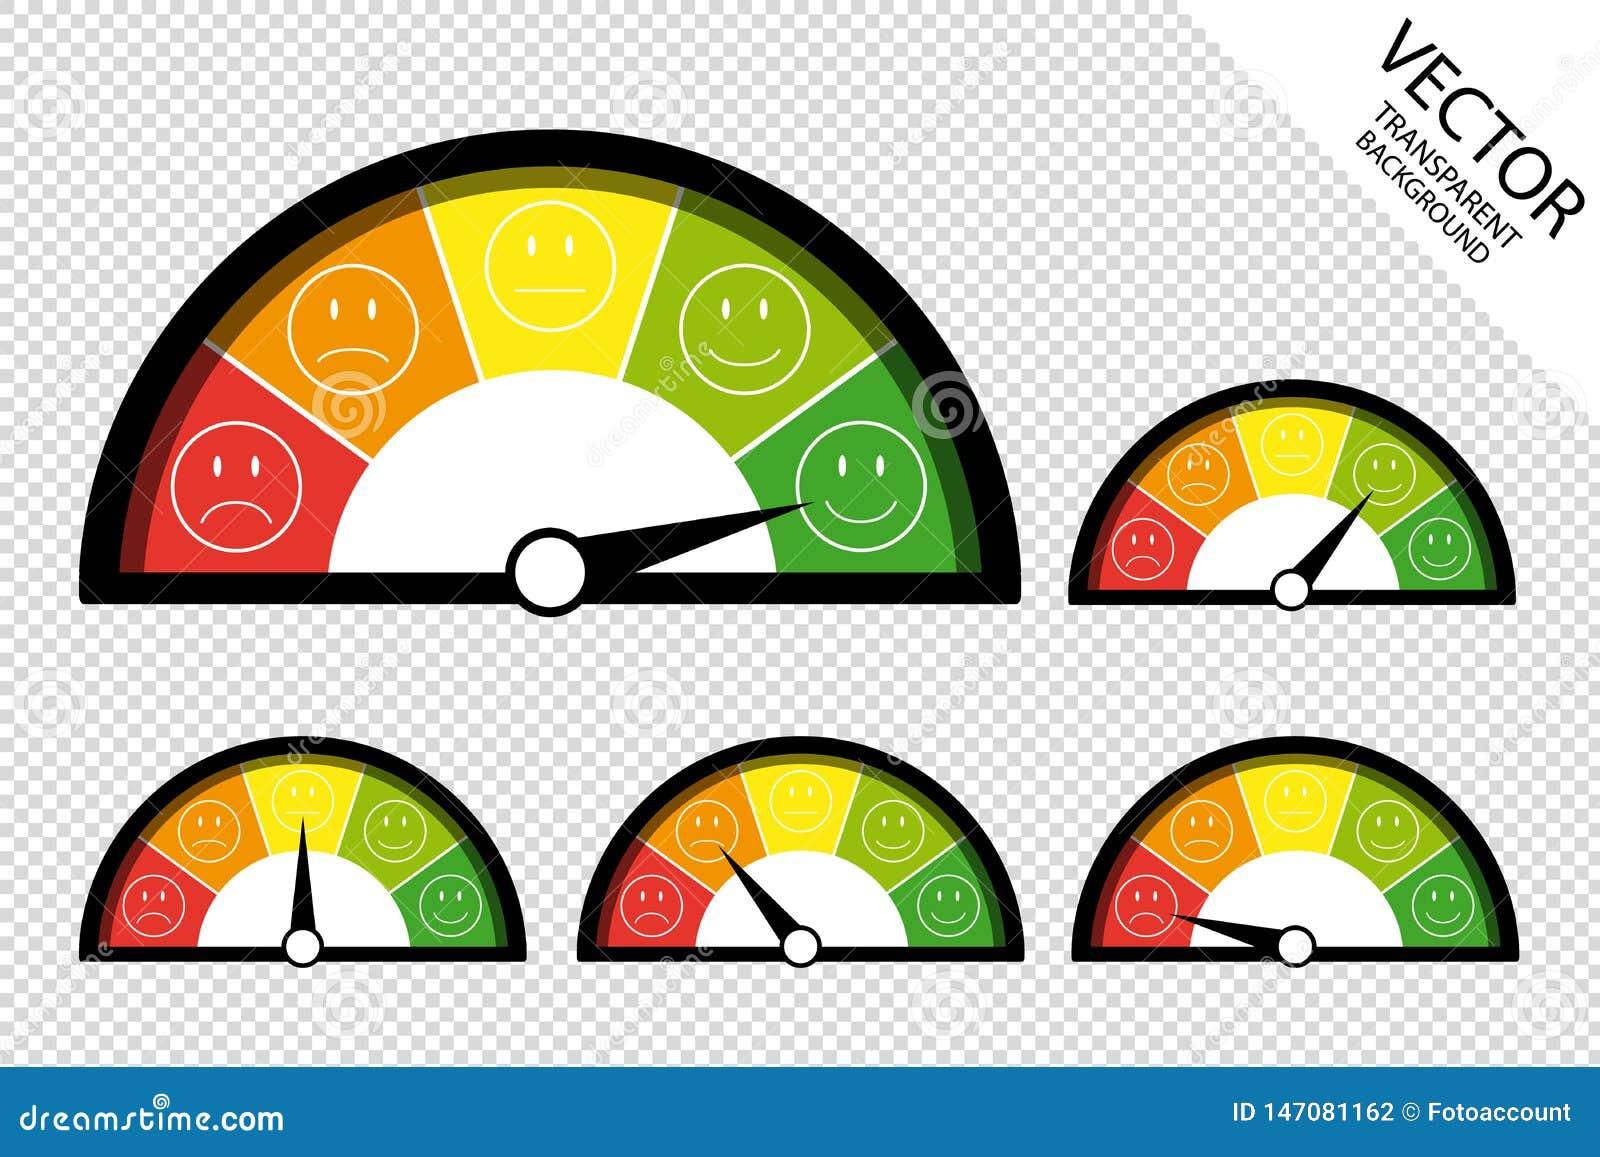 Informacje zwrotne szybkościomierz, zadowolenie klienta metr, produkt oceny ikony - Wektorowa ilustracja Odizolowywająca Na Przej